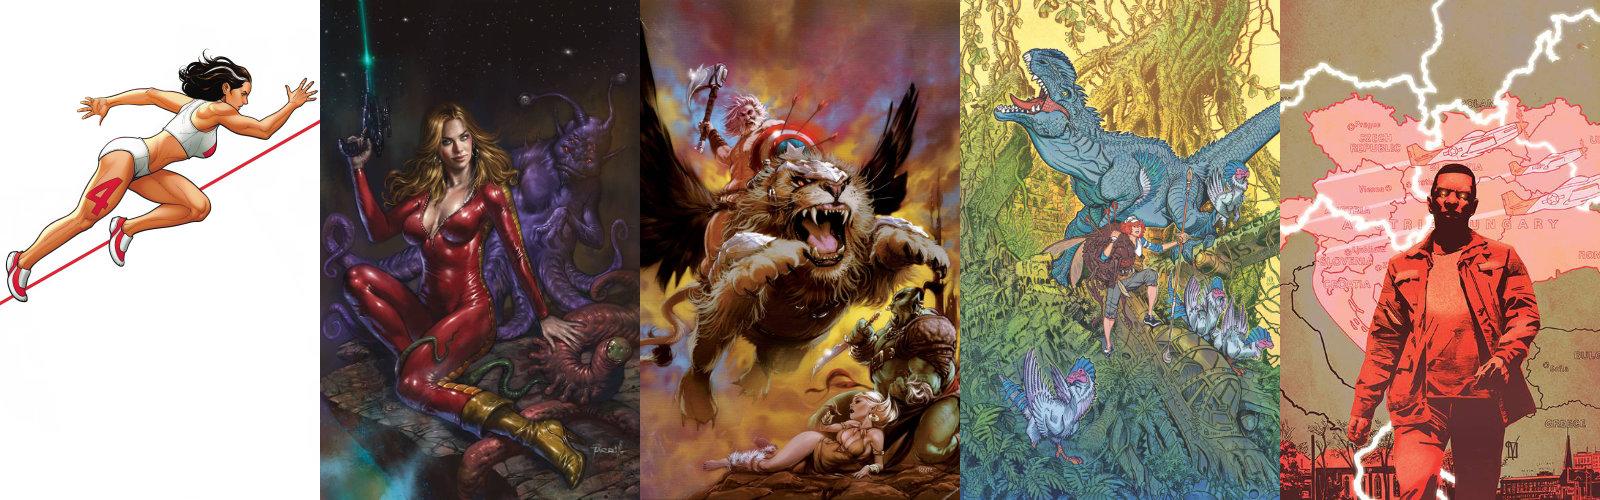 Ace Comics Advance Order List 392